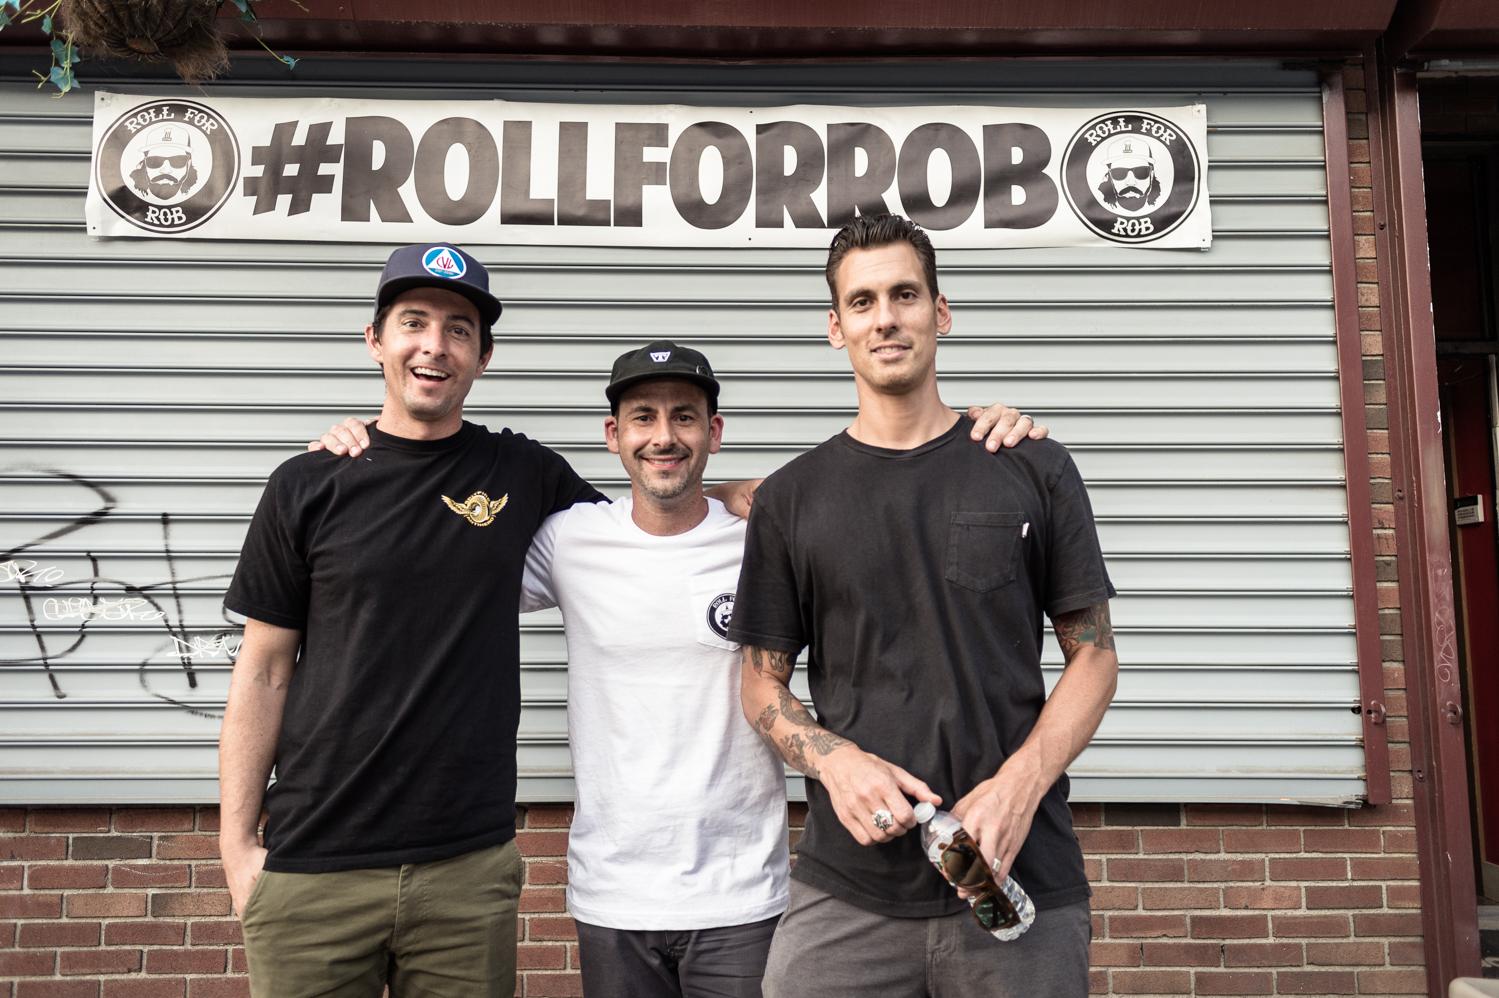 RollForRob-PhotoByRobCollins-48.jpg